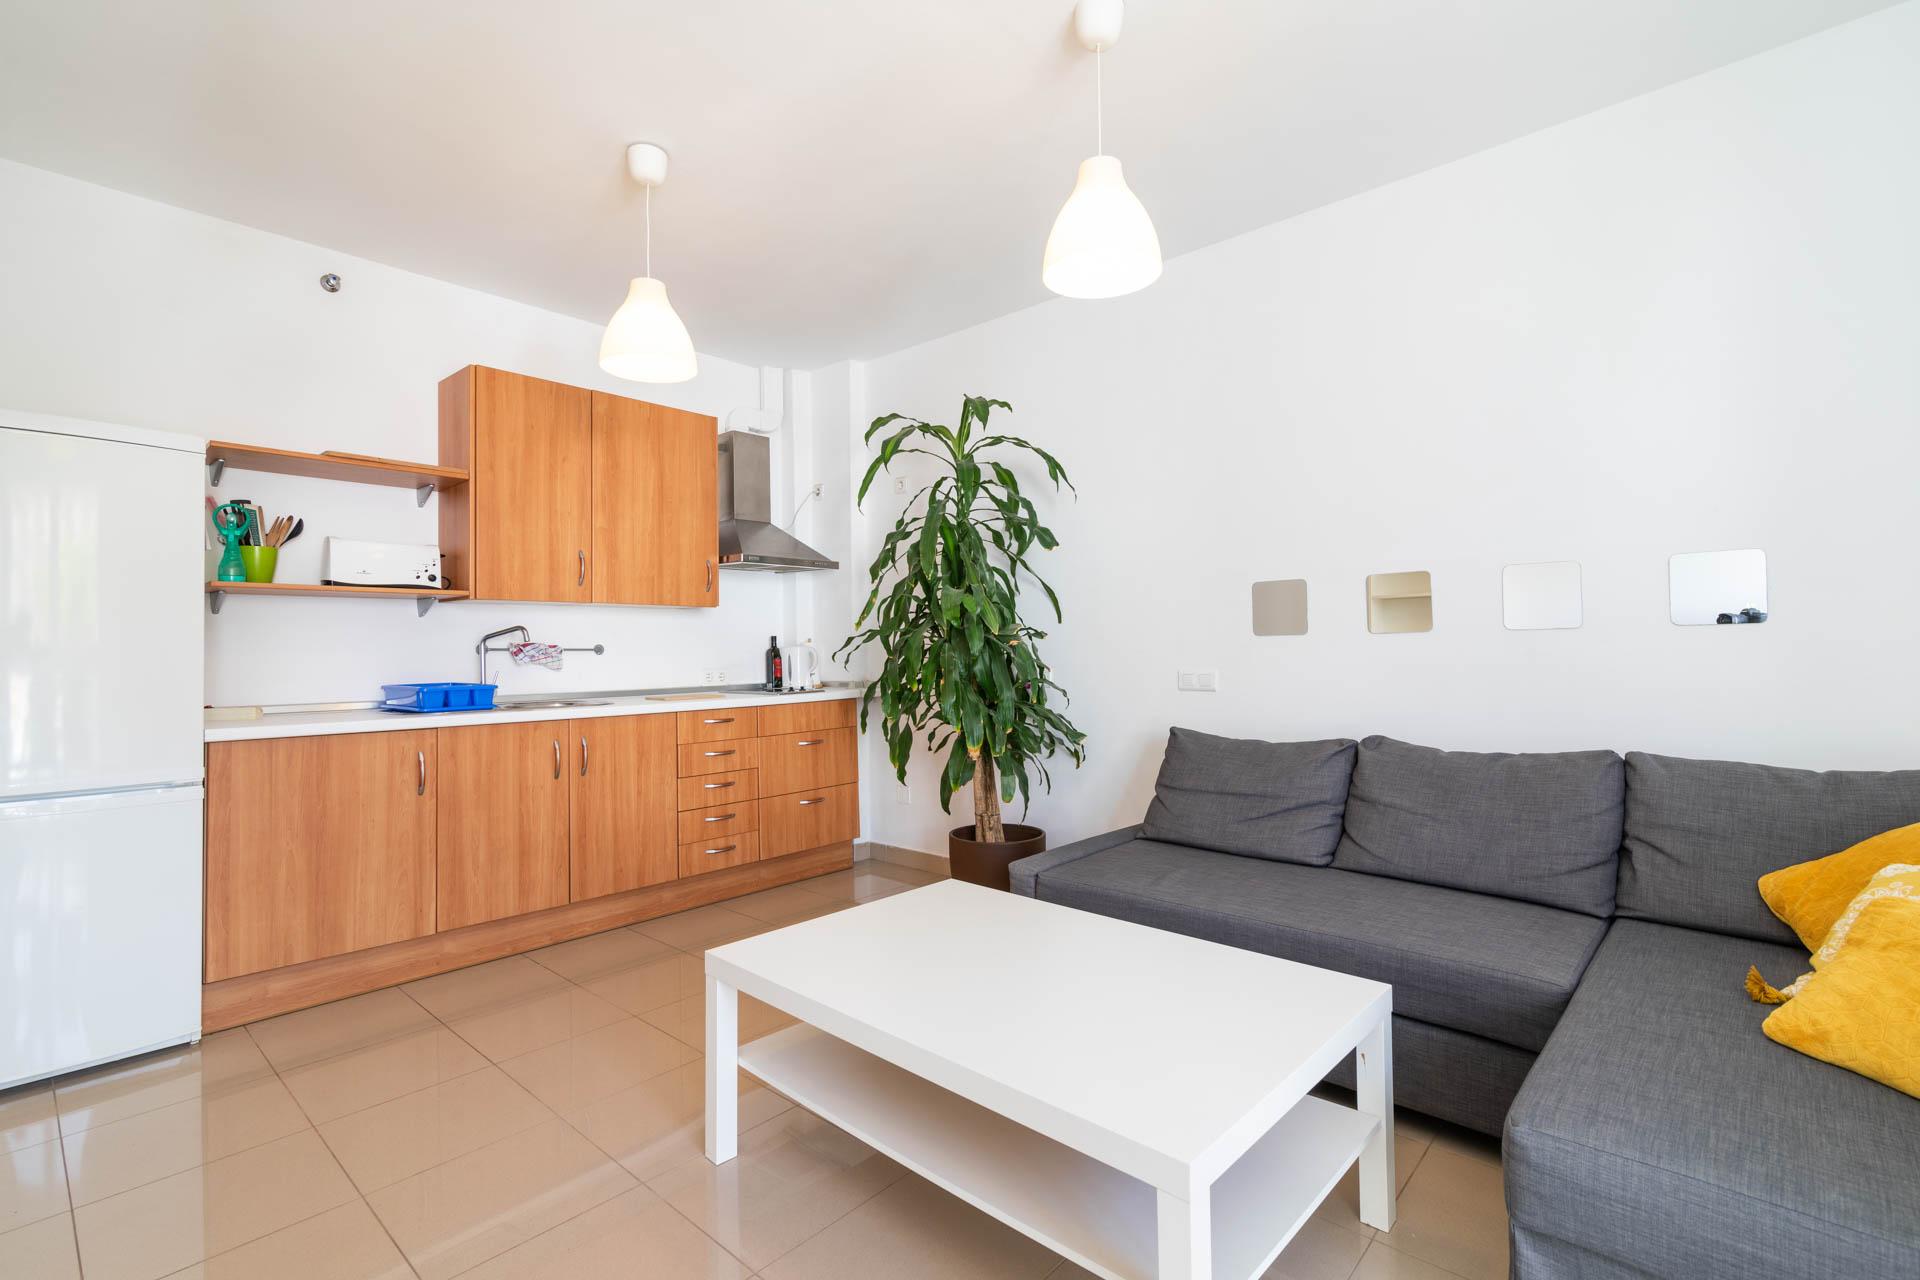 apartamento-clavel-salon-cocina-2